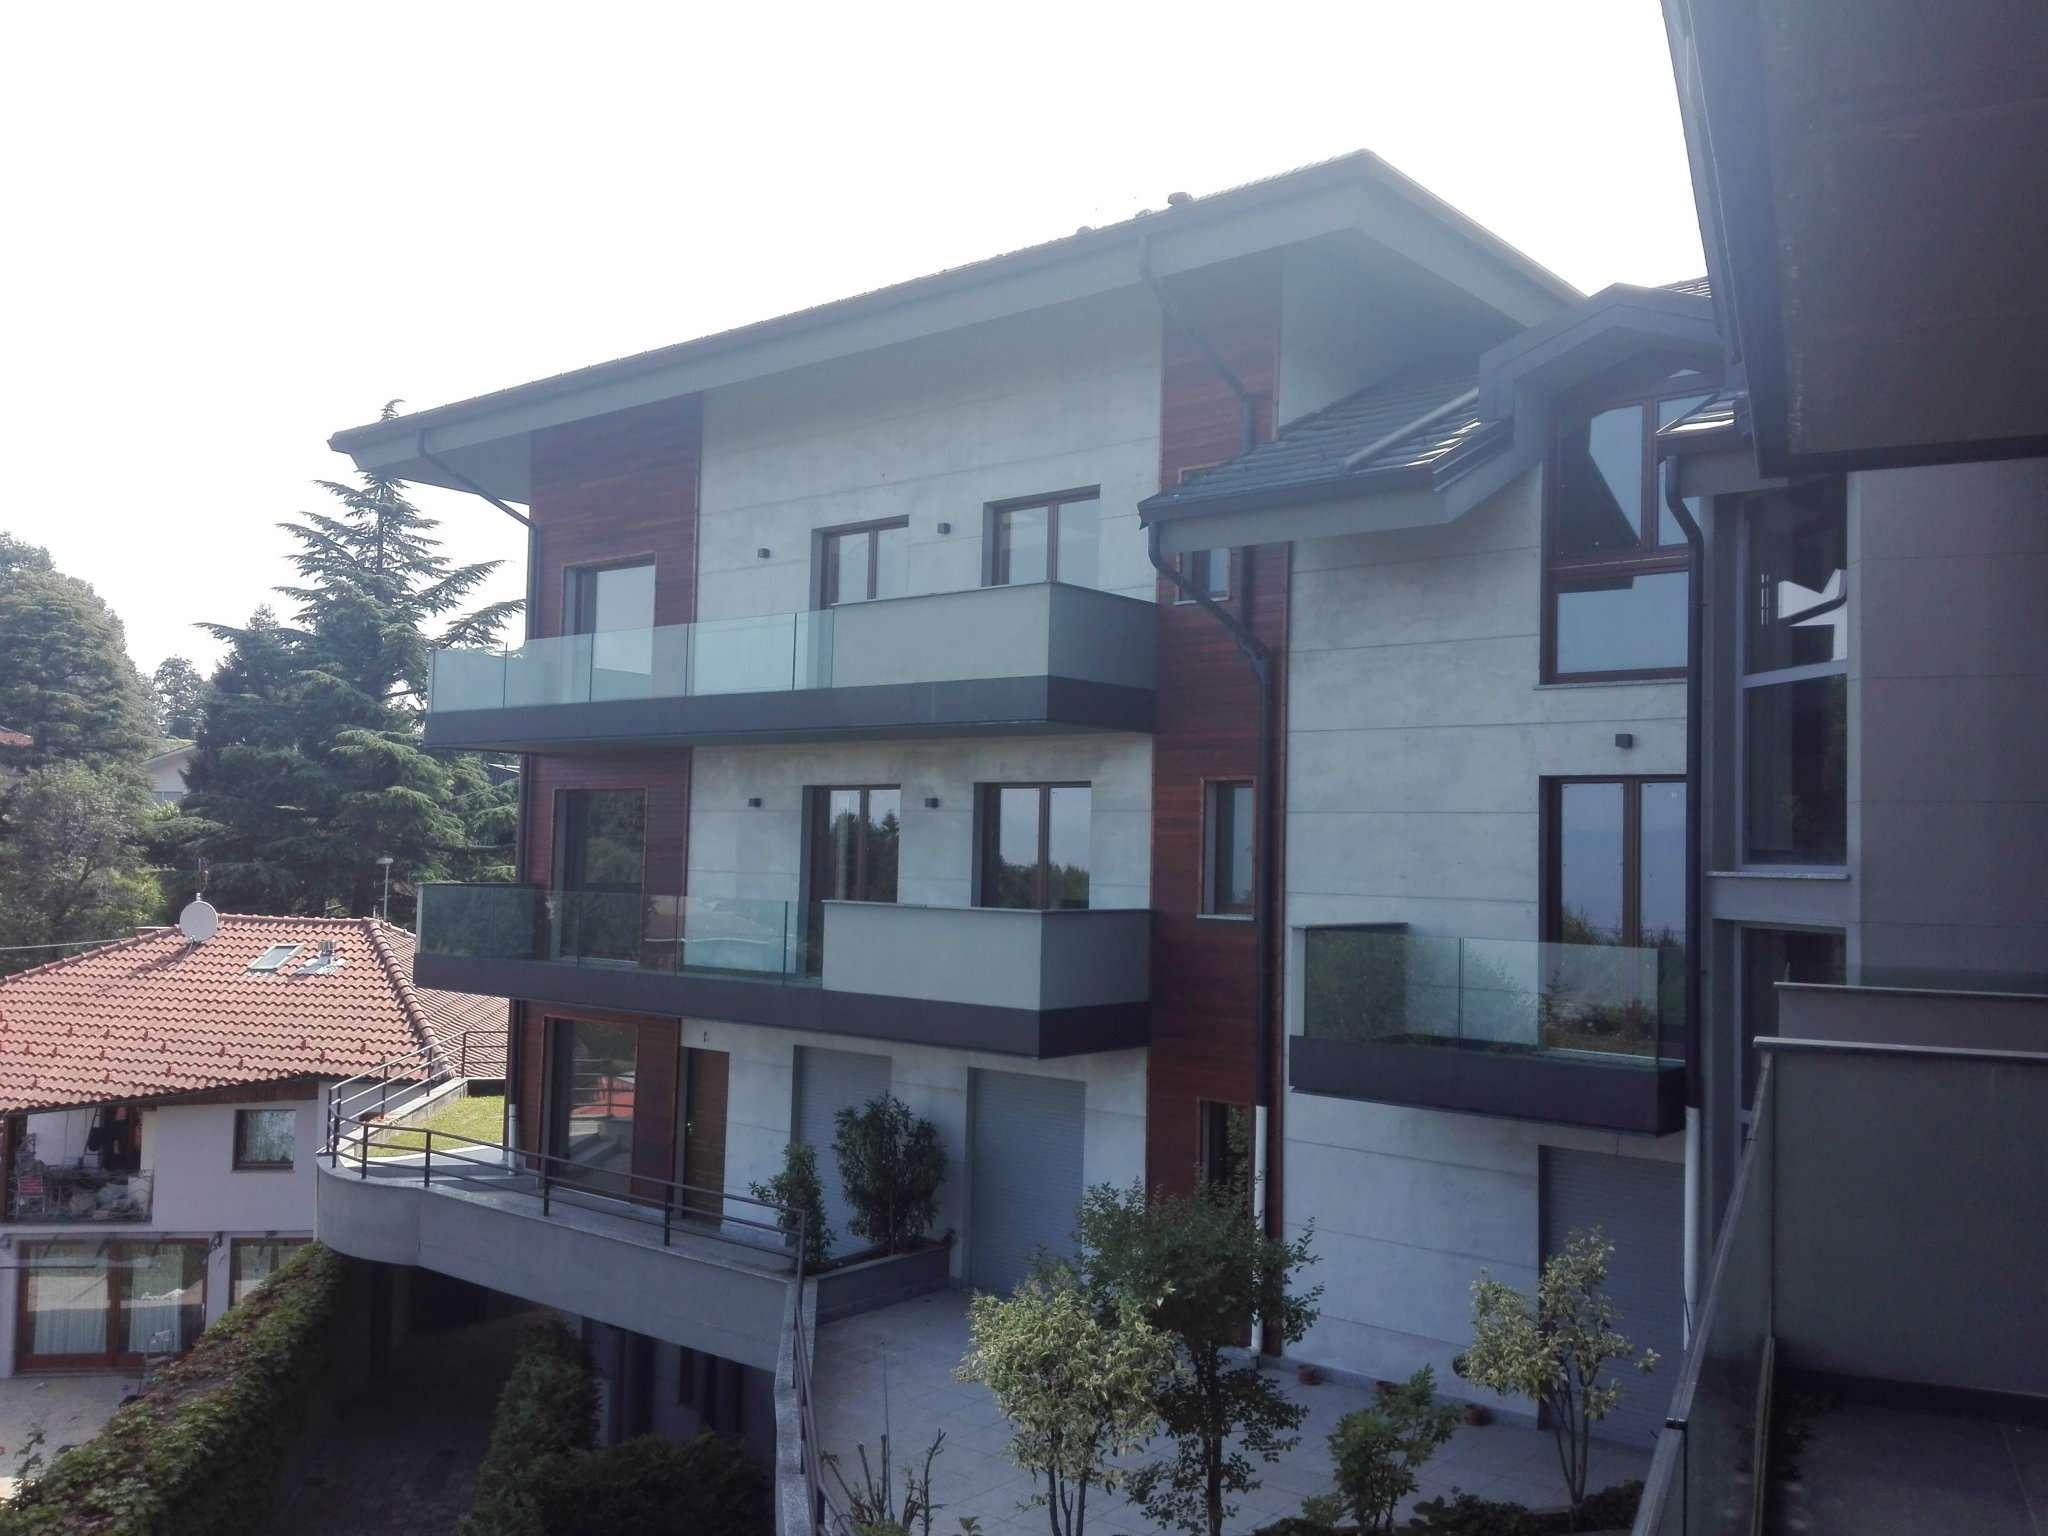 Appartamento in vendita a Pecetto Torinese, 9999 locali, prezzo € 499.000 | CambioCasa.it